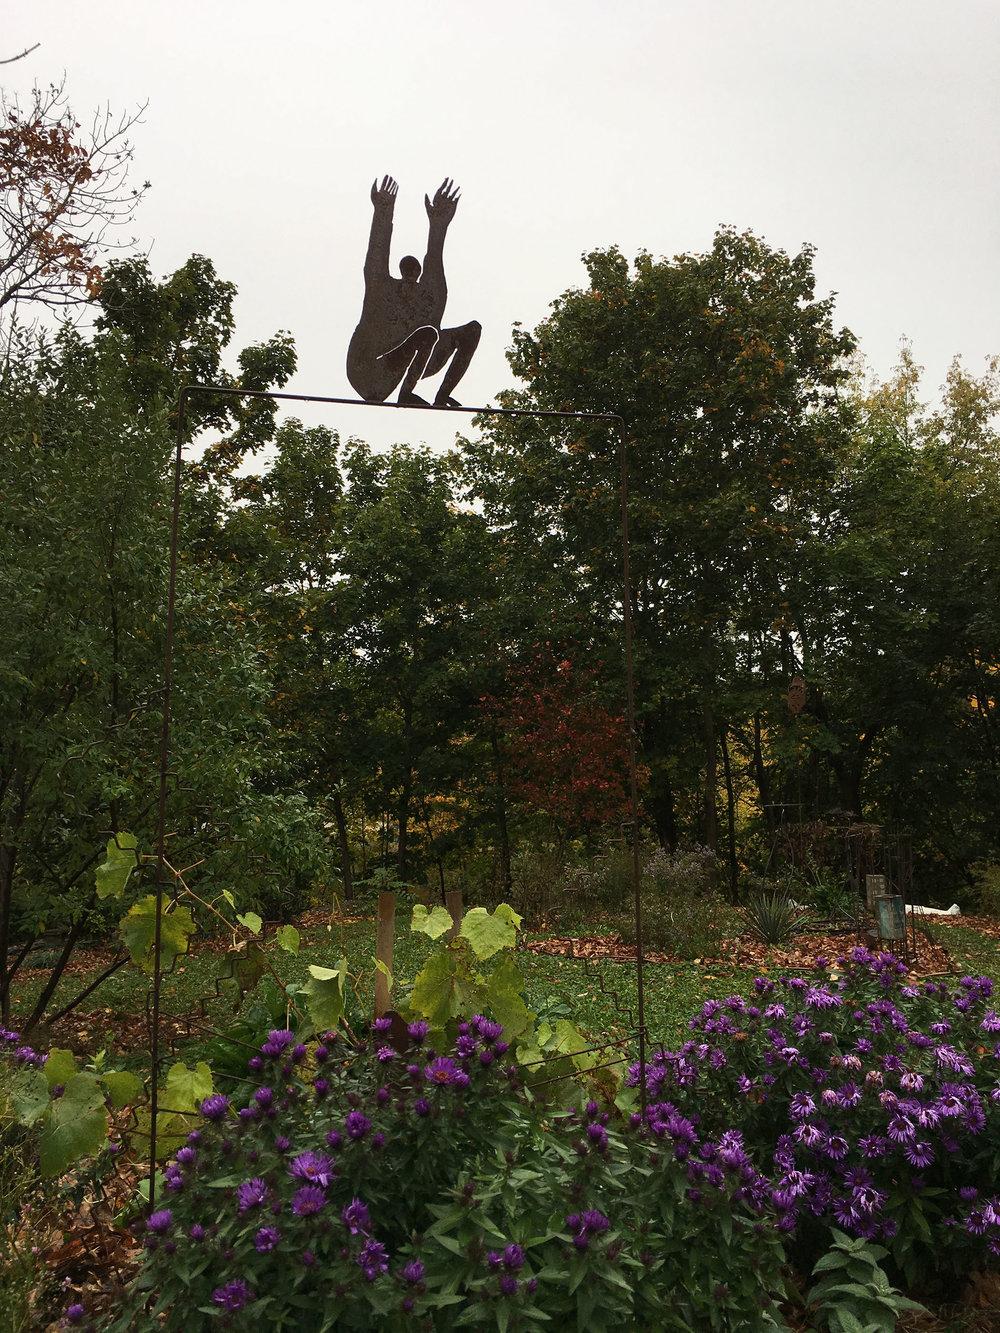 2018-10-13 002 dgc permasculpture garden copy.jpg